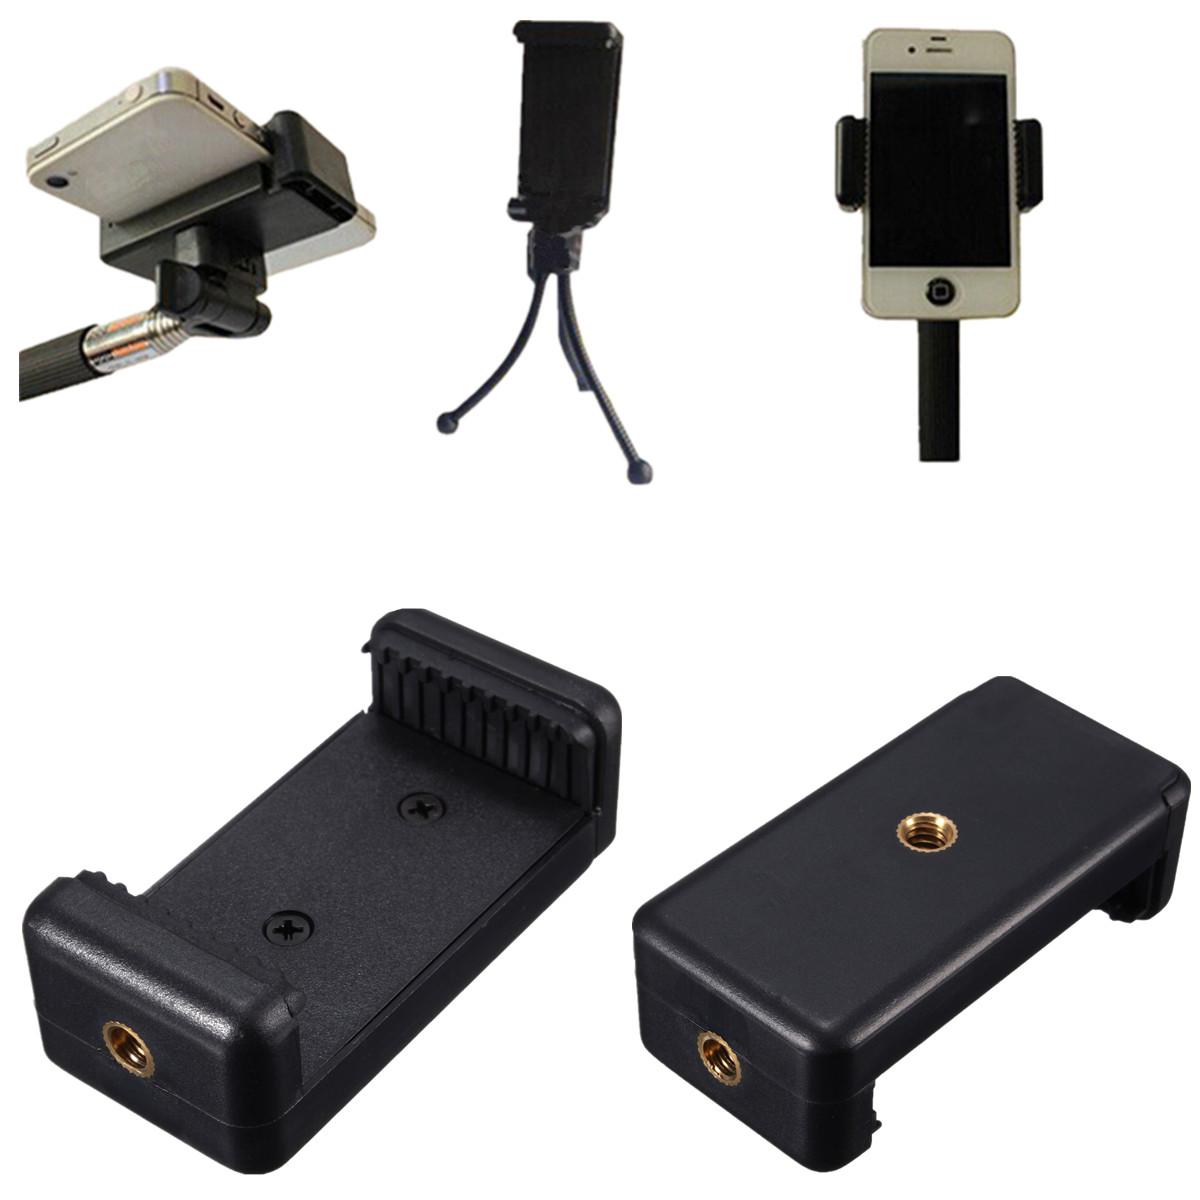 mobile cellphone clip bracket holder mount for tripod monopod stand selfie stick ebay. Black Bedroom Furniture Sets. Home Design Ideas